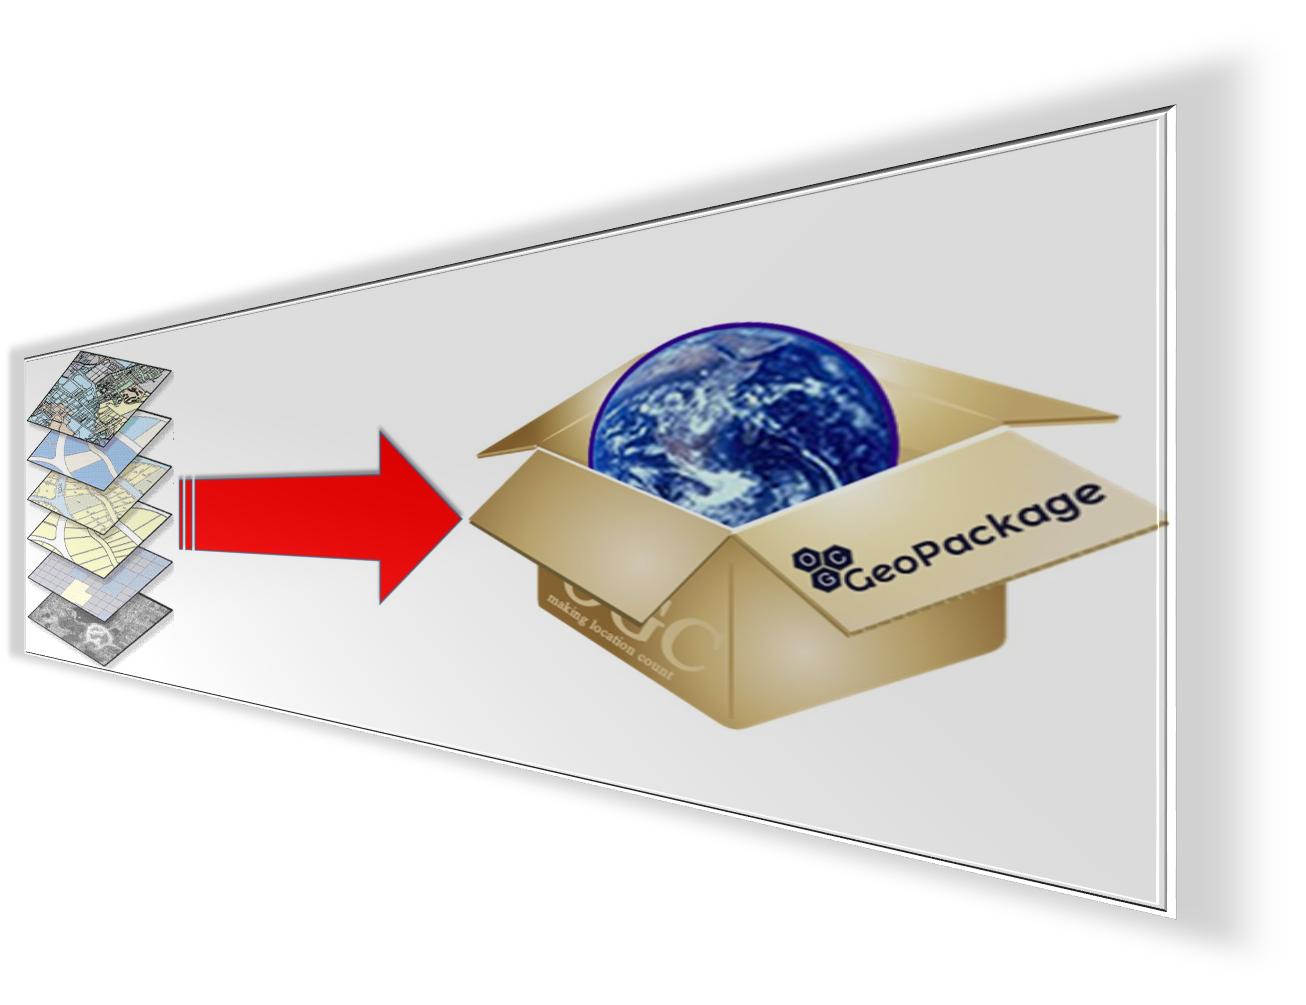 """""""GeoPackage"""", un formato abierto para almacenar información geoespacial."""